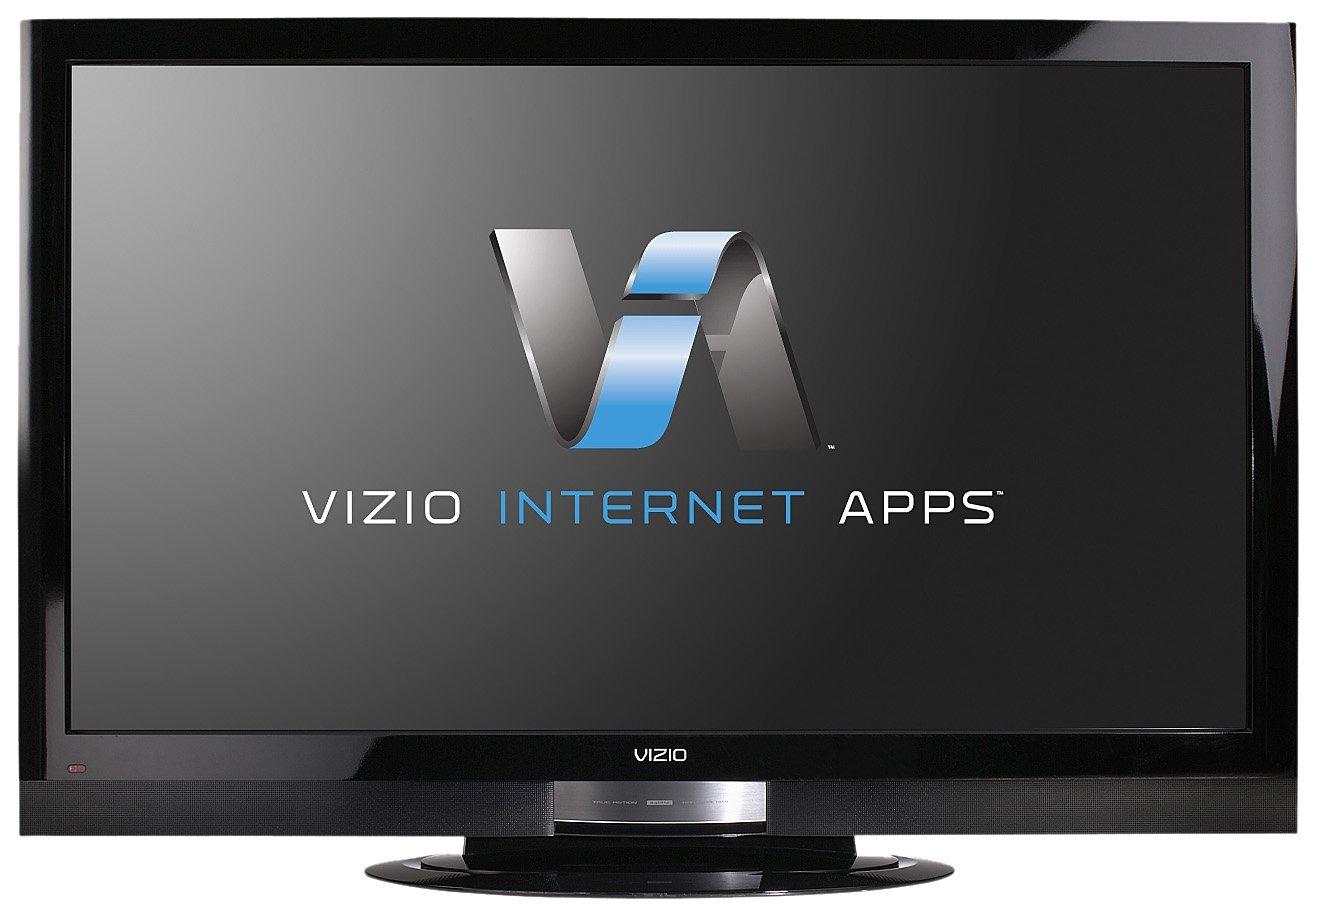 Vizio Tv Wiring Schematic - Data Wiring Diagrams •